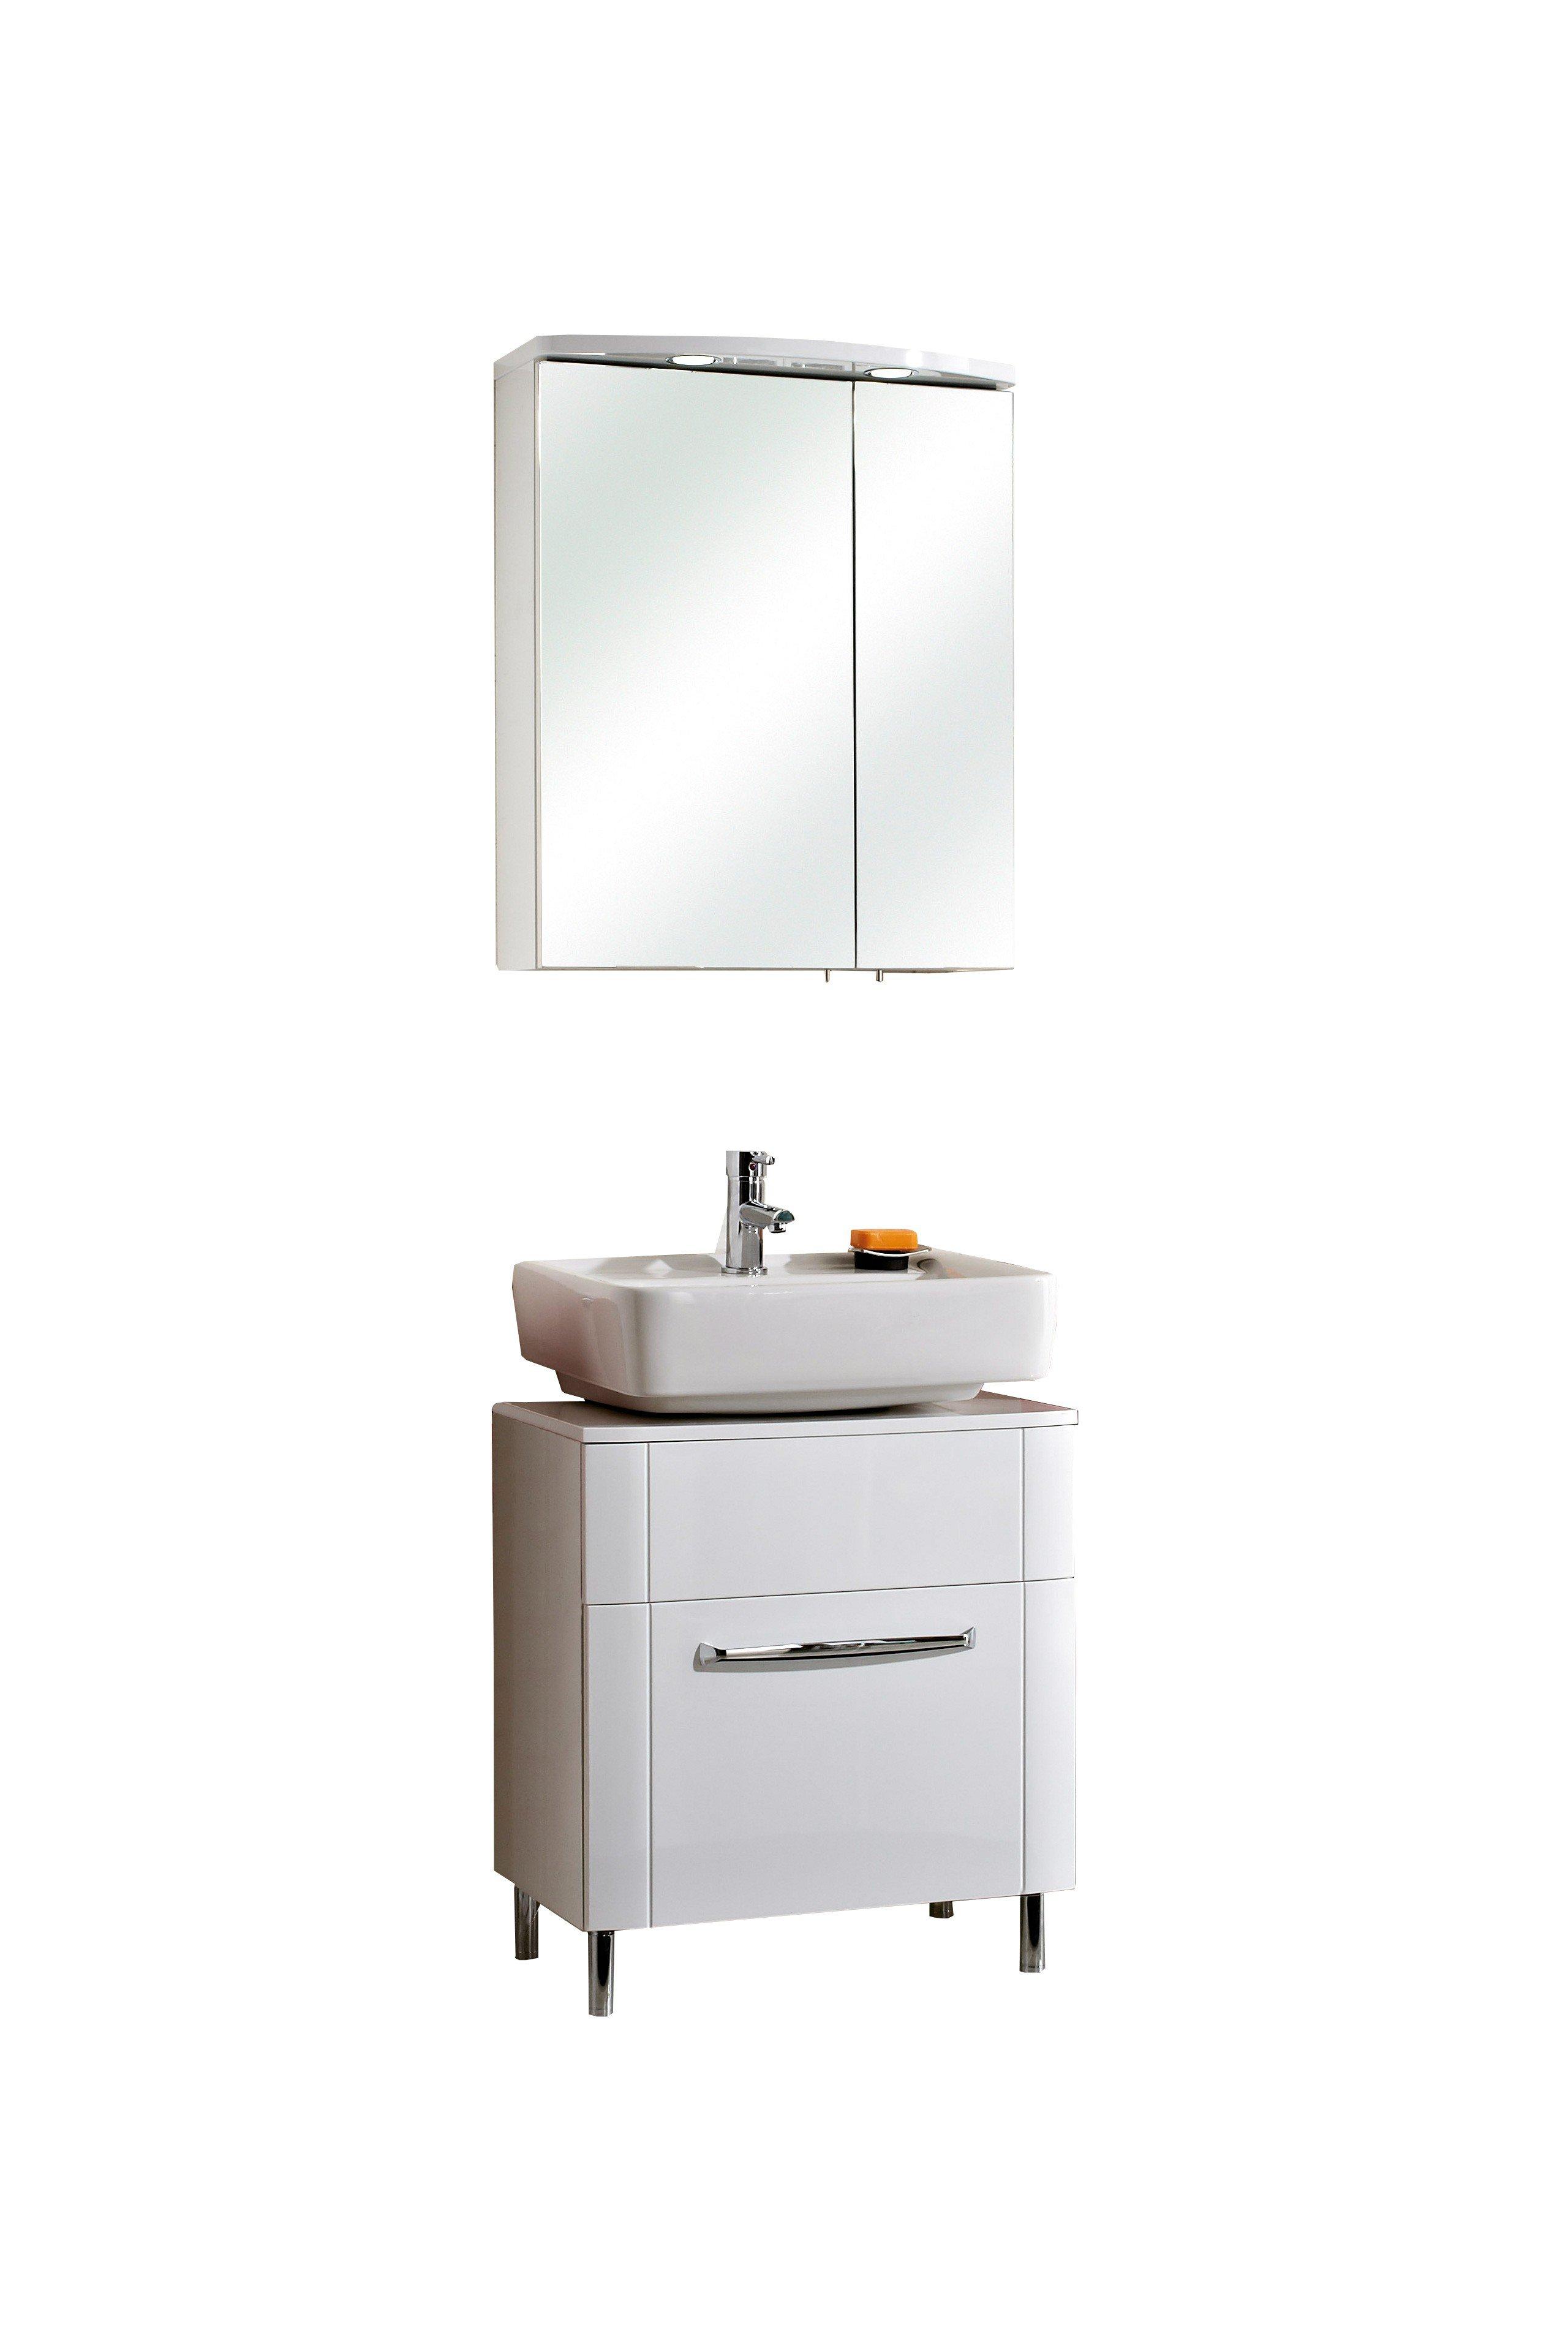 badezimmer fokus 3005 von pelipal in hochglanz wei m bel letz ihr online shop. Black Bedroom Furniture Sets. Home Design Ideas